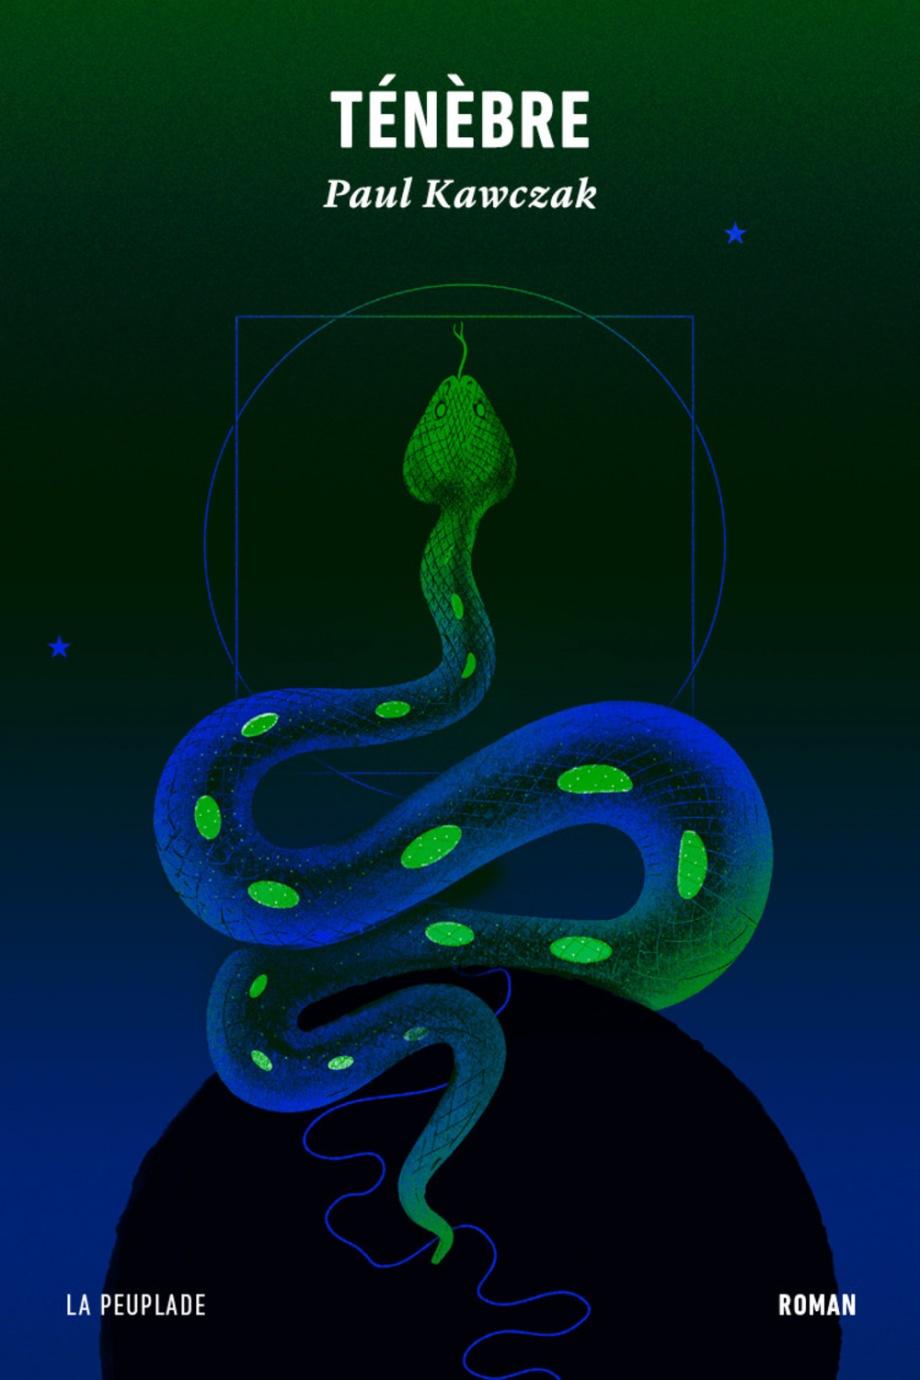 Un serpent sur un fond vert et bleu